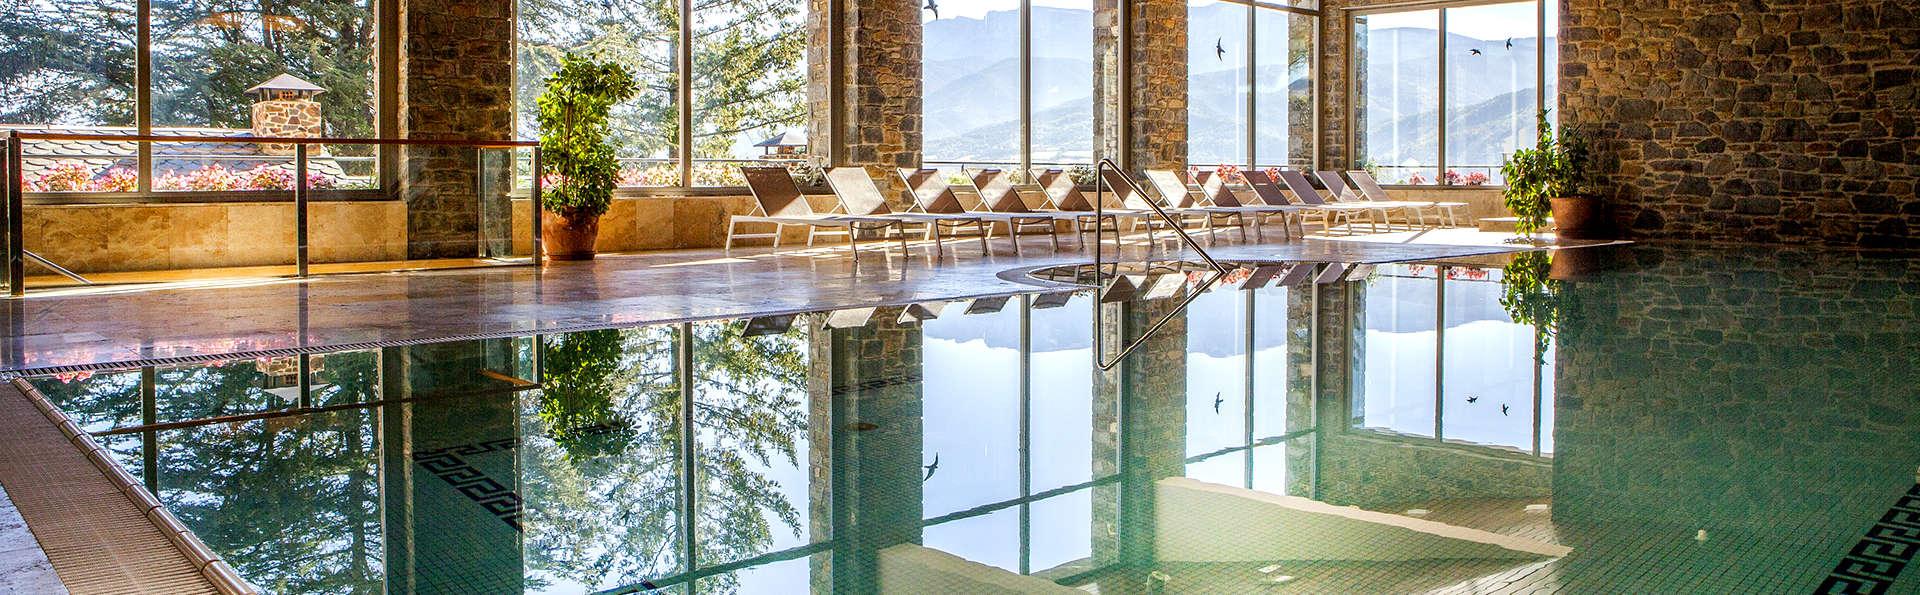 Spa Lovers : spa illimité, romance et cadeaux dans une ancienne résidence de comptes